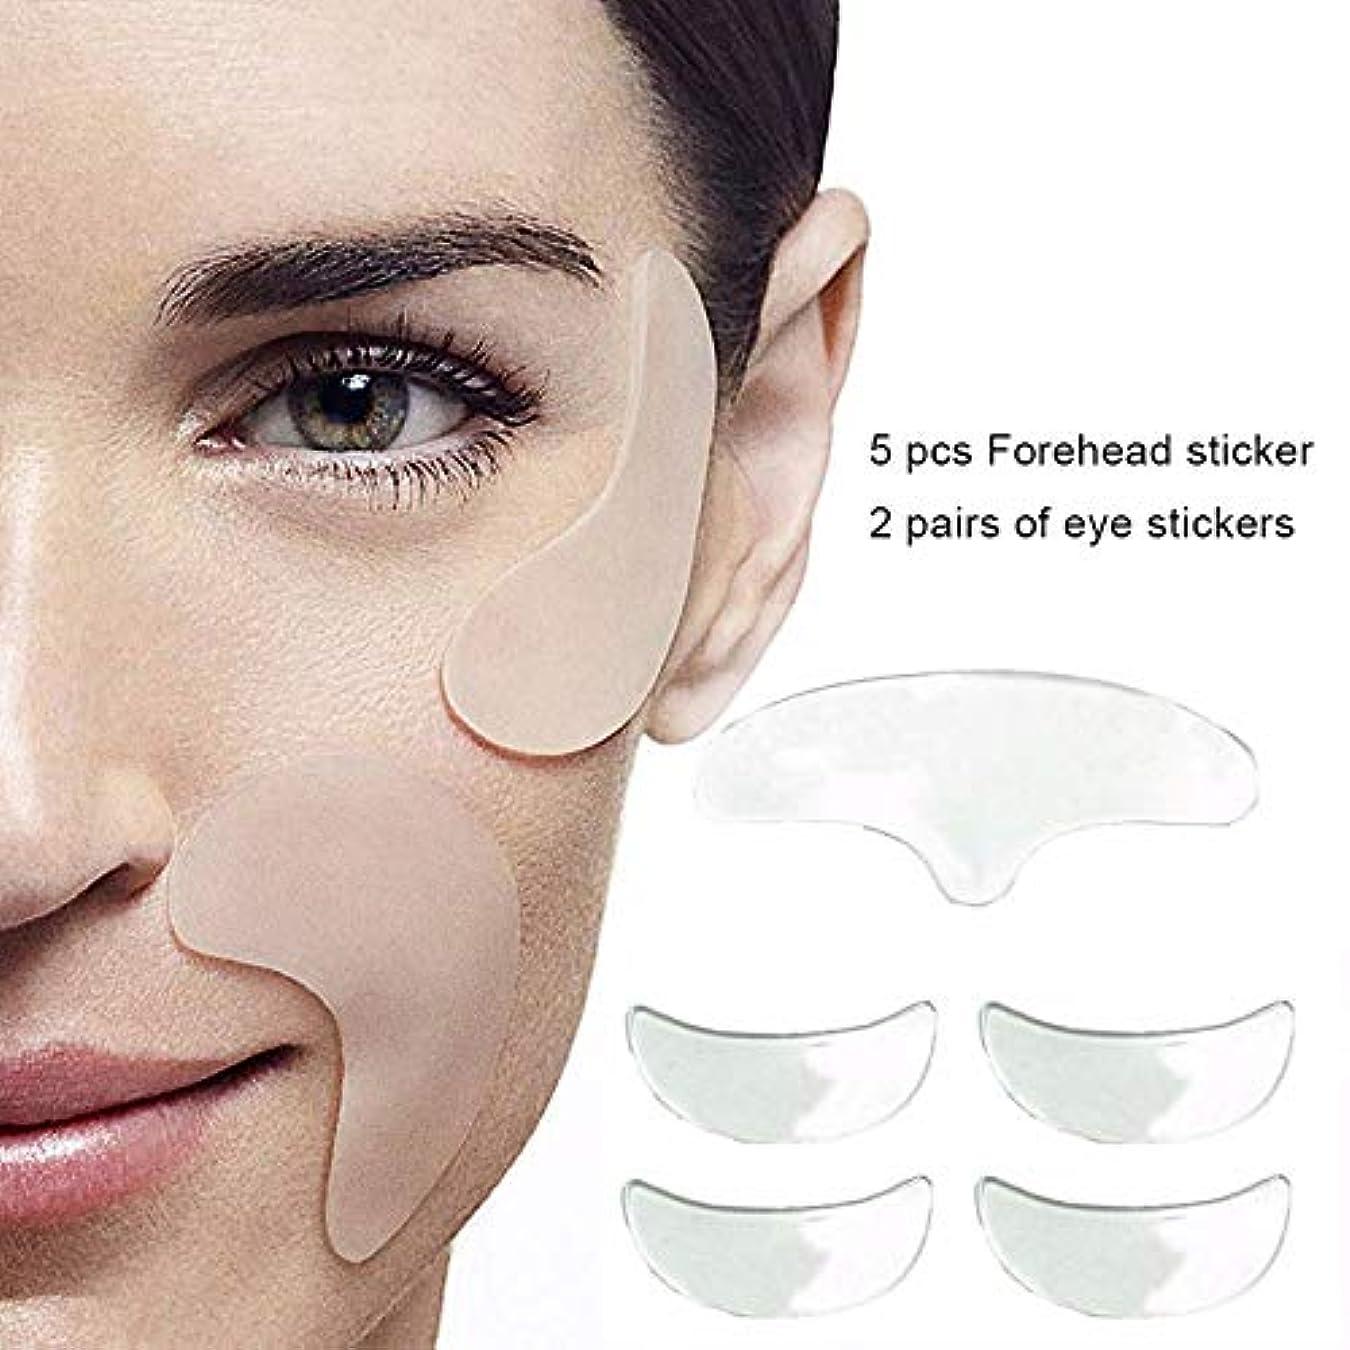 バーターキャリアキャンパスRabugoo 女性のアンチリンクルアイフェイスパッド再使用可能なシリコーンインビジブルフェイスパッドアンチエイジング防止顔のしわ